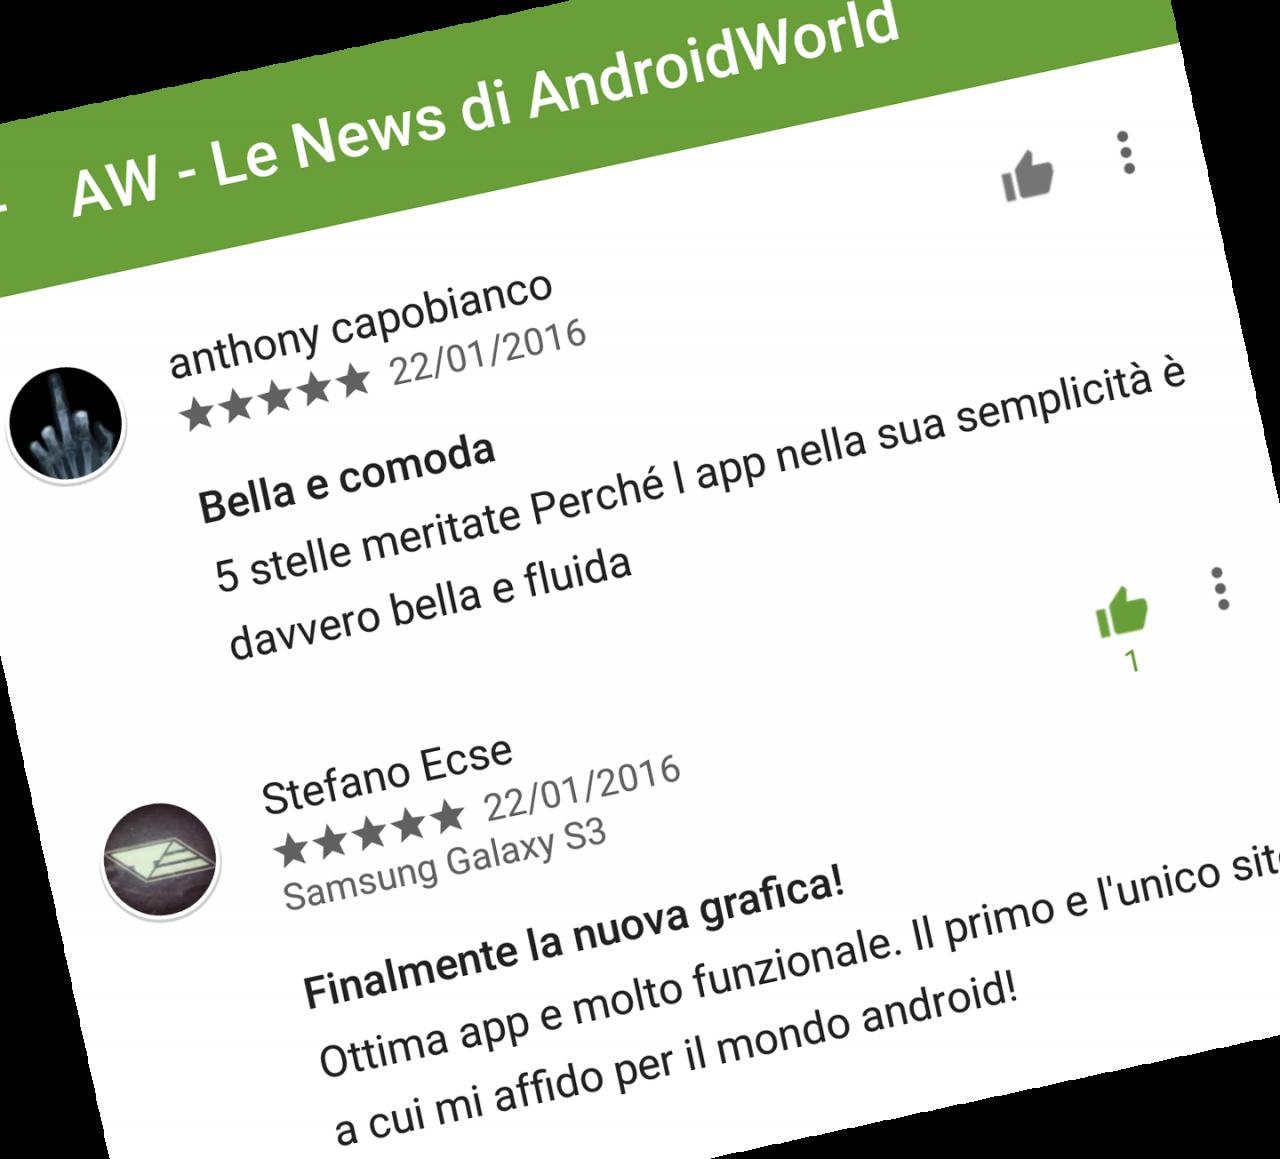 Il Play Store per Android non vuole più sapere se secondo voi un commento non è utile (foto)